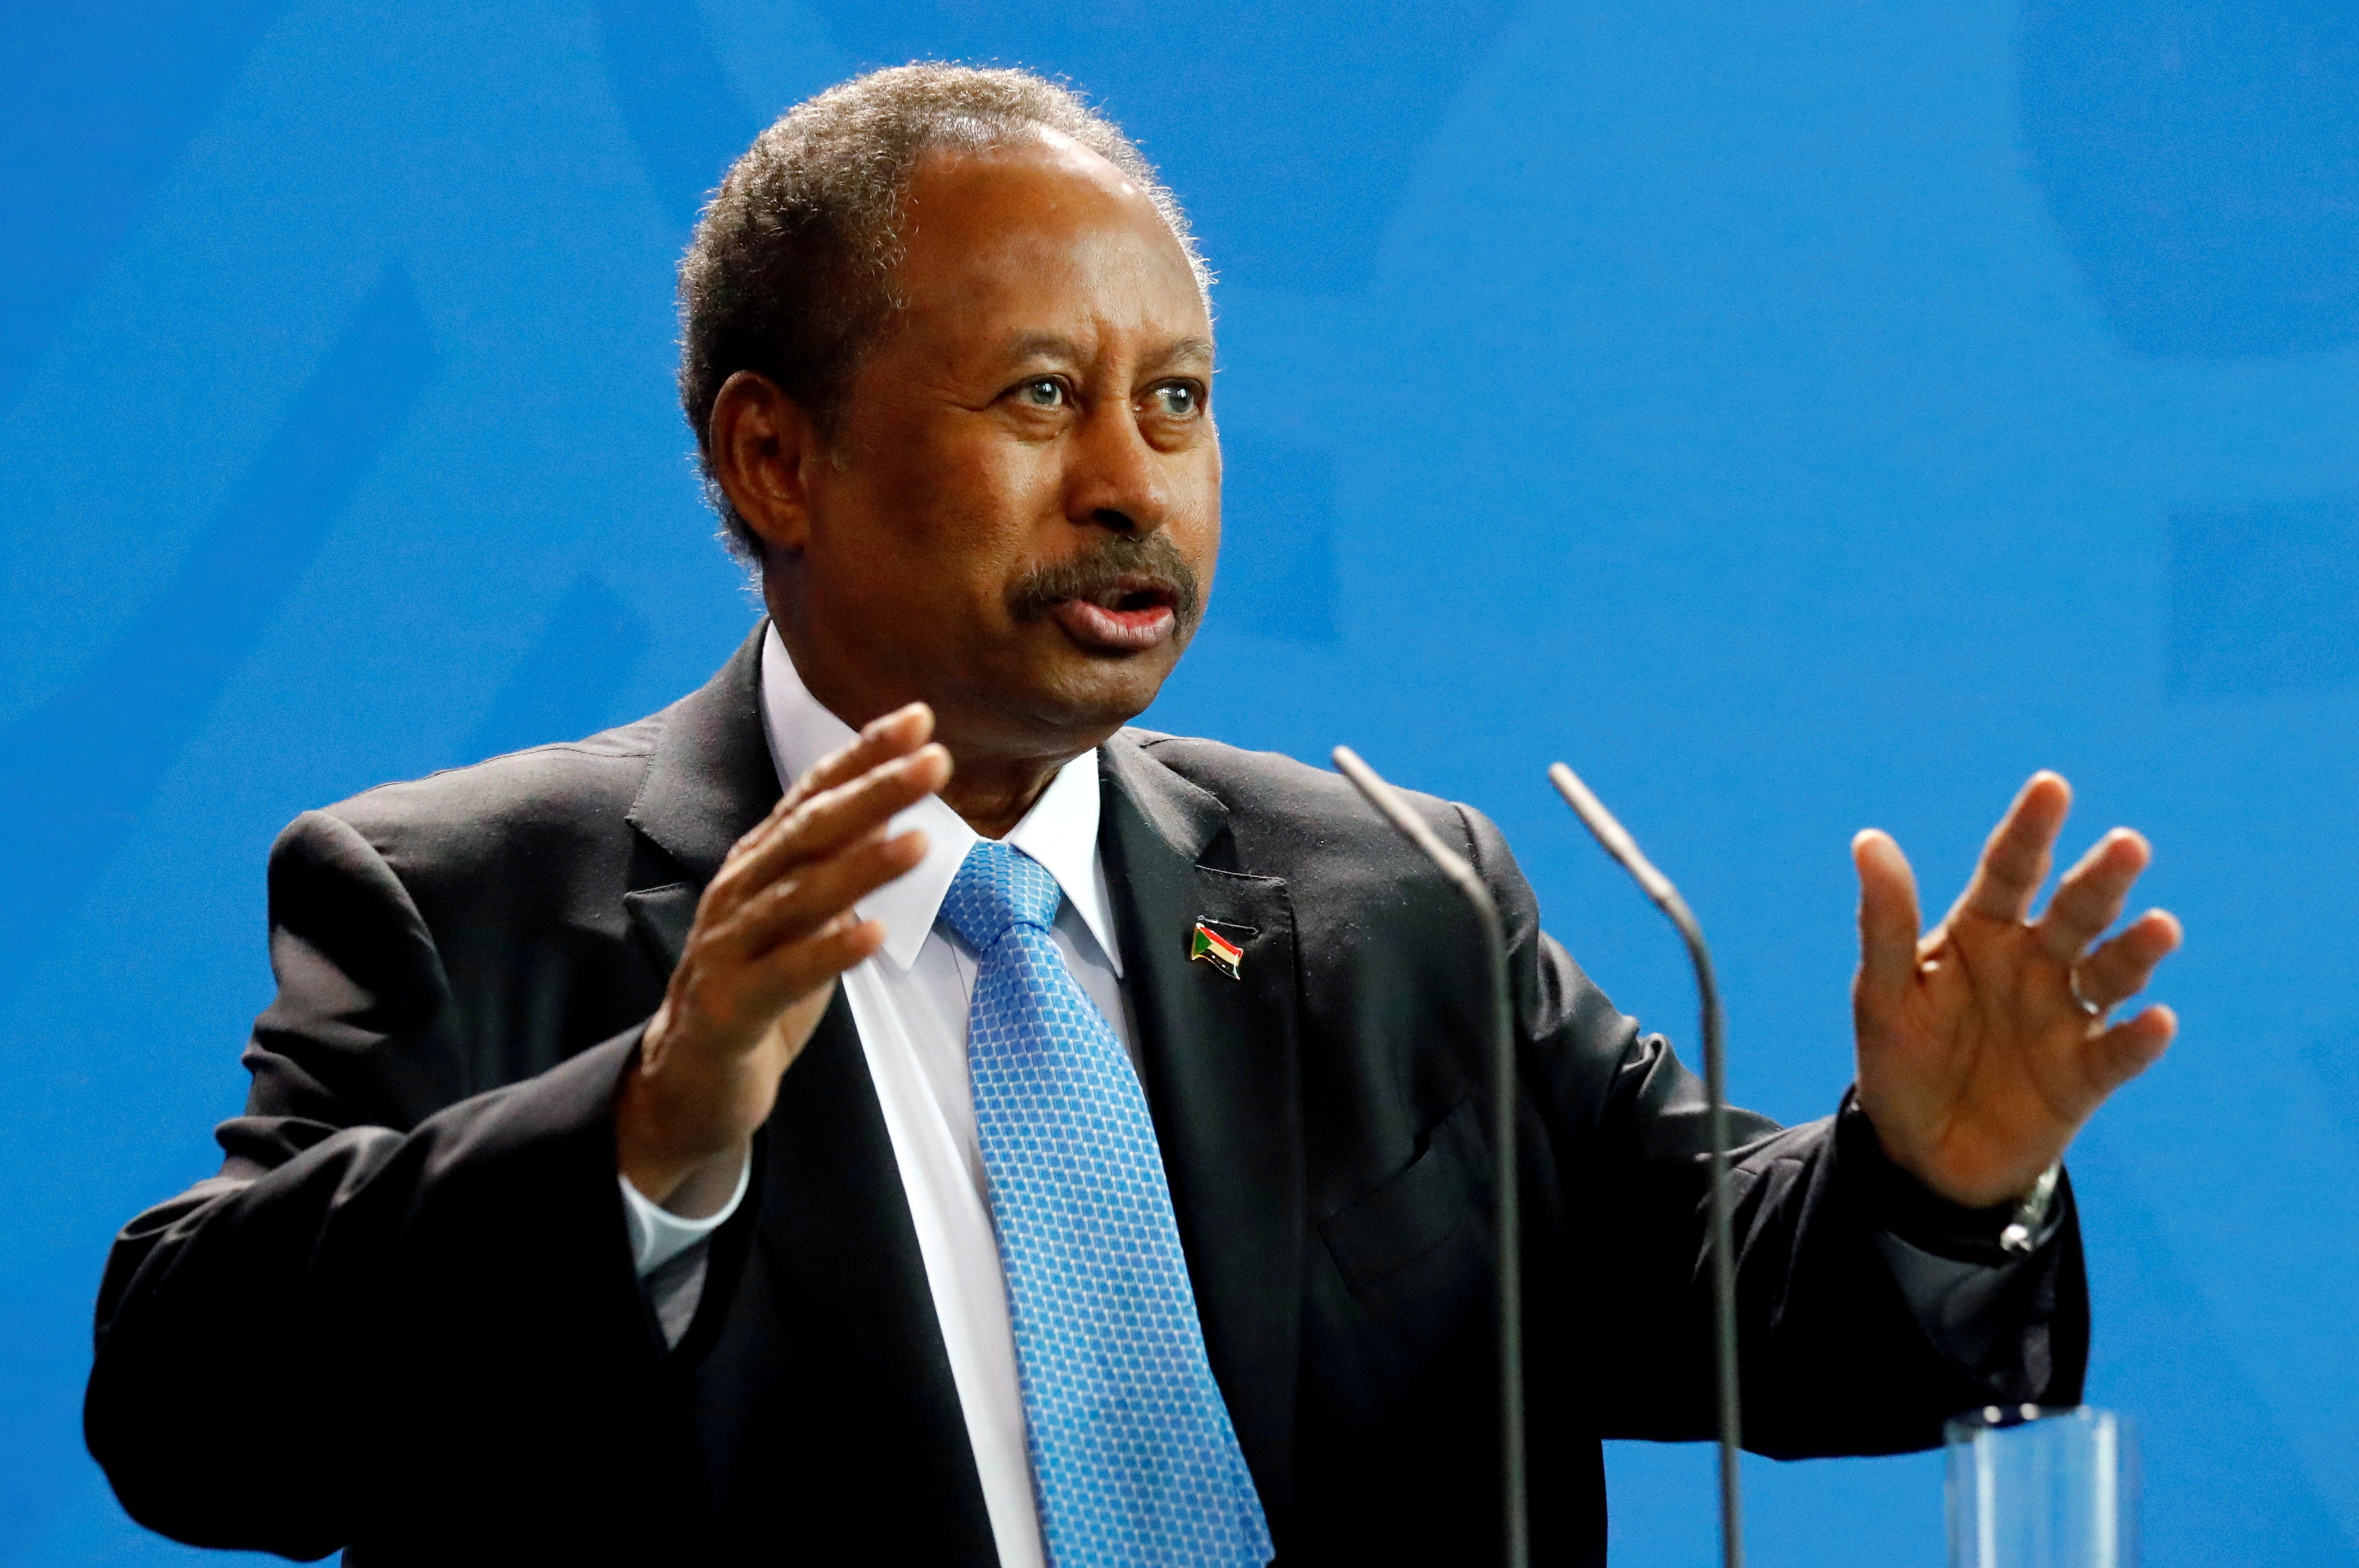 Primeiro-ministro do Sudão é detido em prisão domiciliar